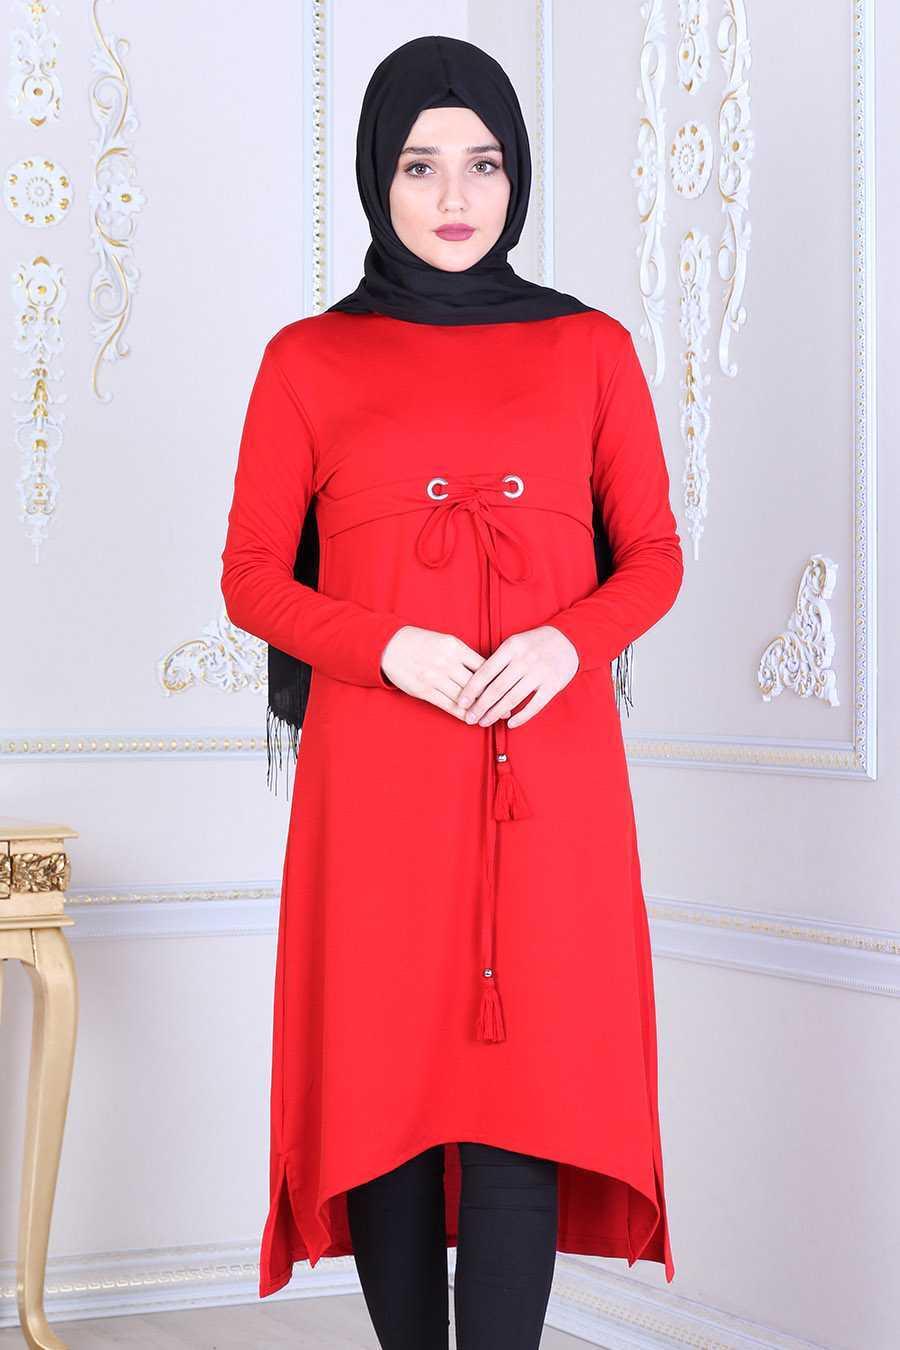 Feiza Collection Tesettür Kırmızı Tunik Modelleri